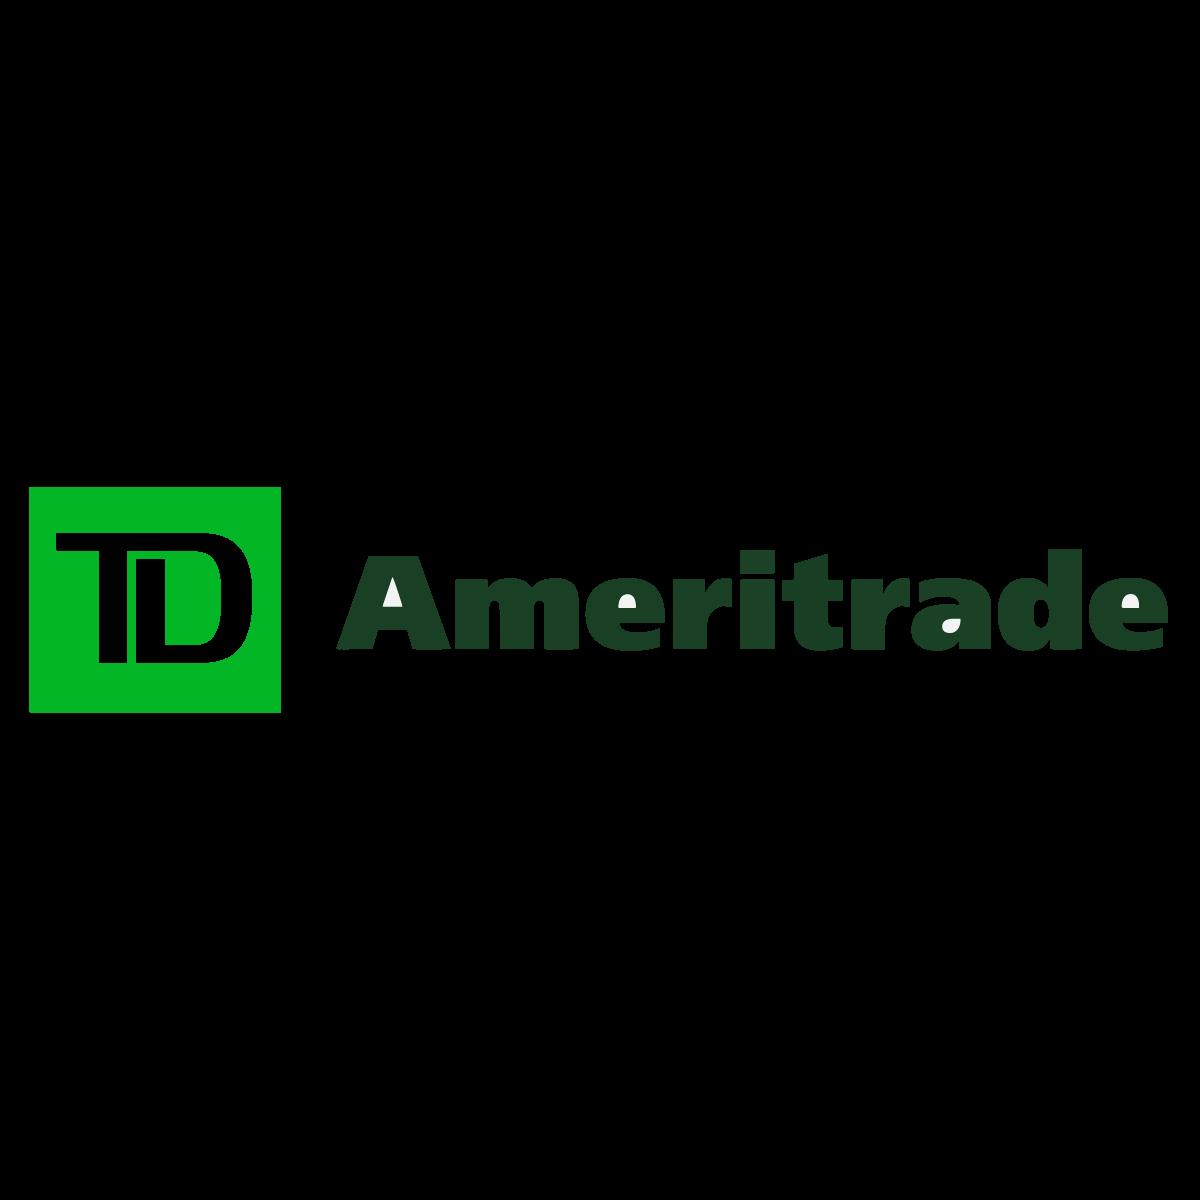 TDAmeritrade